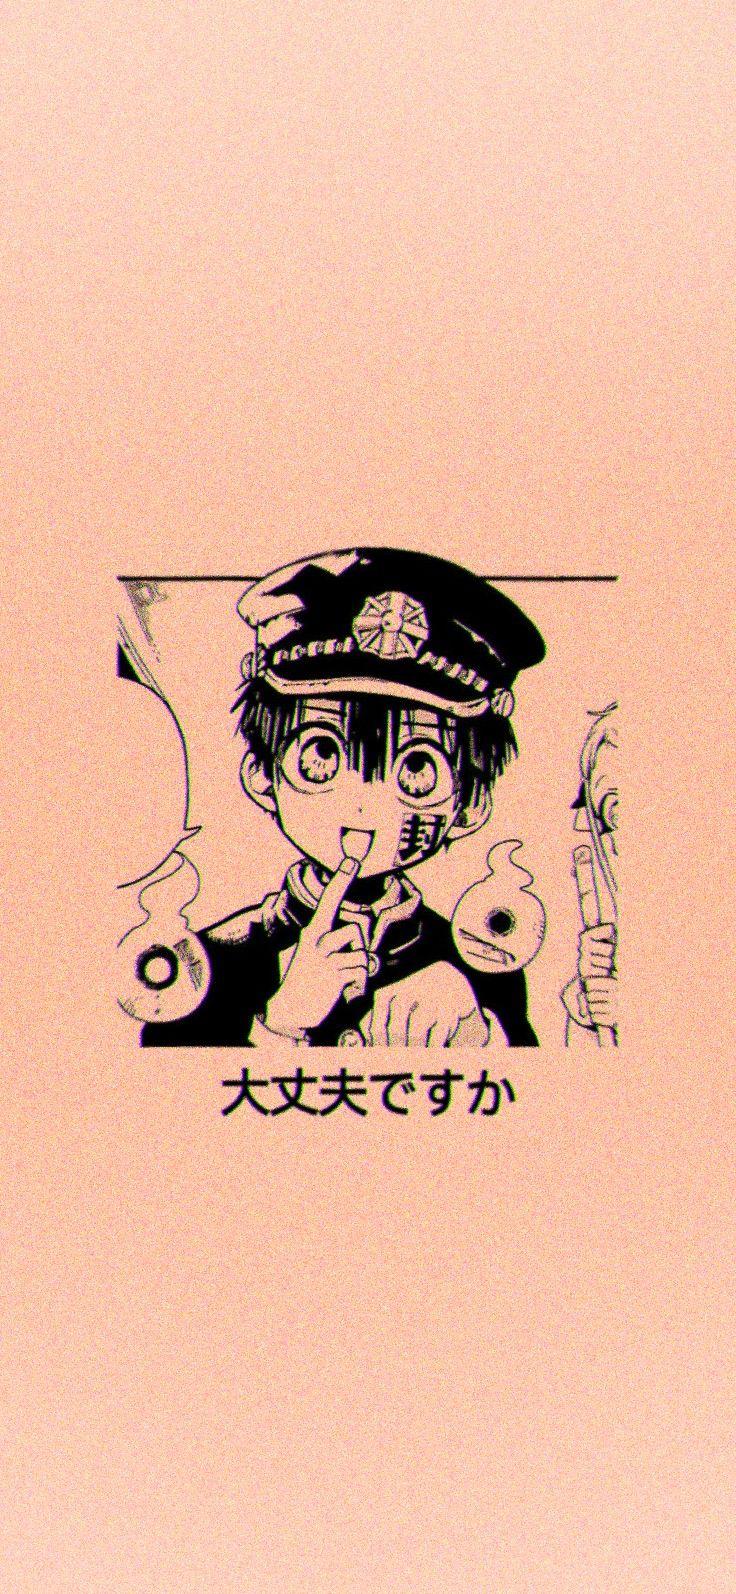 Jibaku Shounen Hanako Kun Wallpaper Cute Anime Wallpaper Anime Wallpaper Phone Anime Wallpaper Iphone Funny anime iphone wallpapers